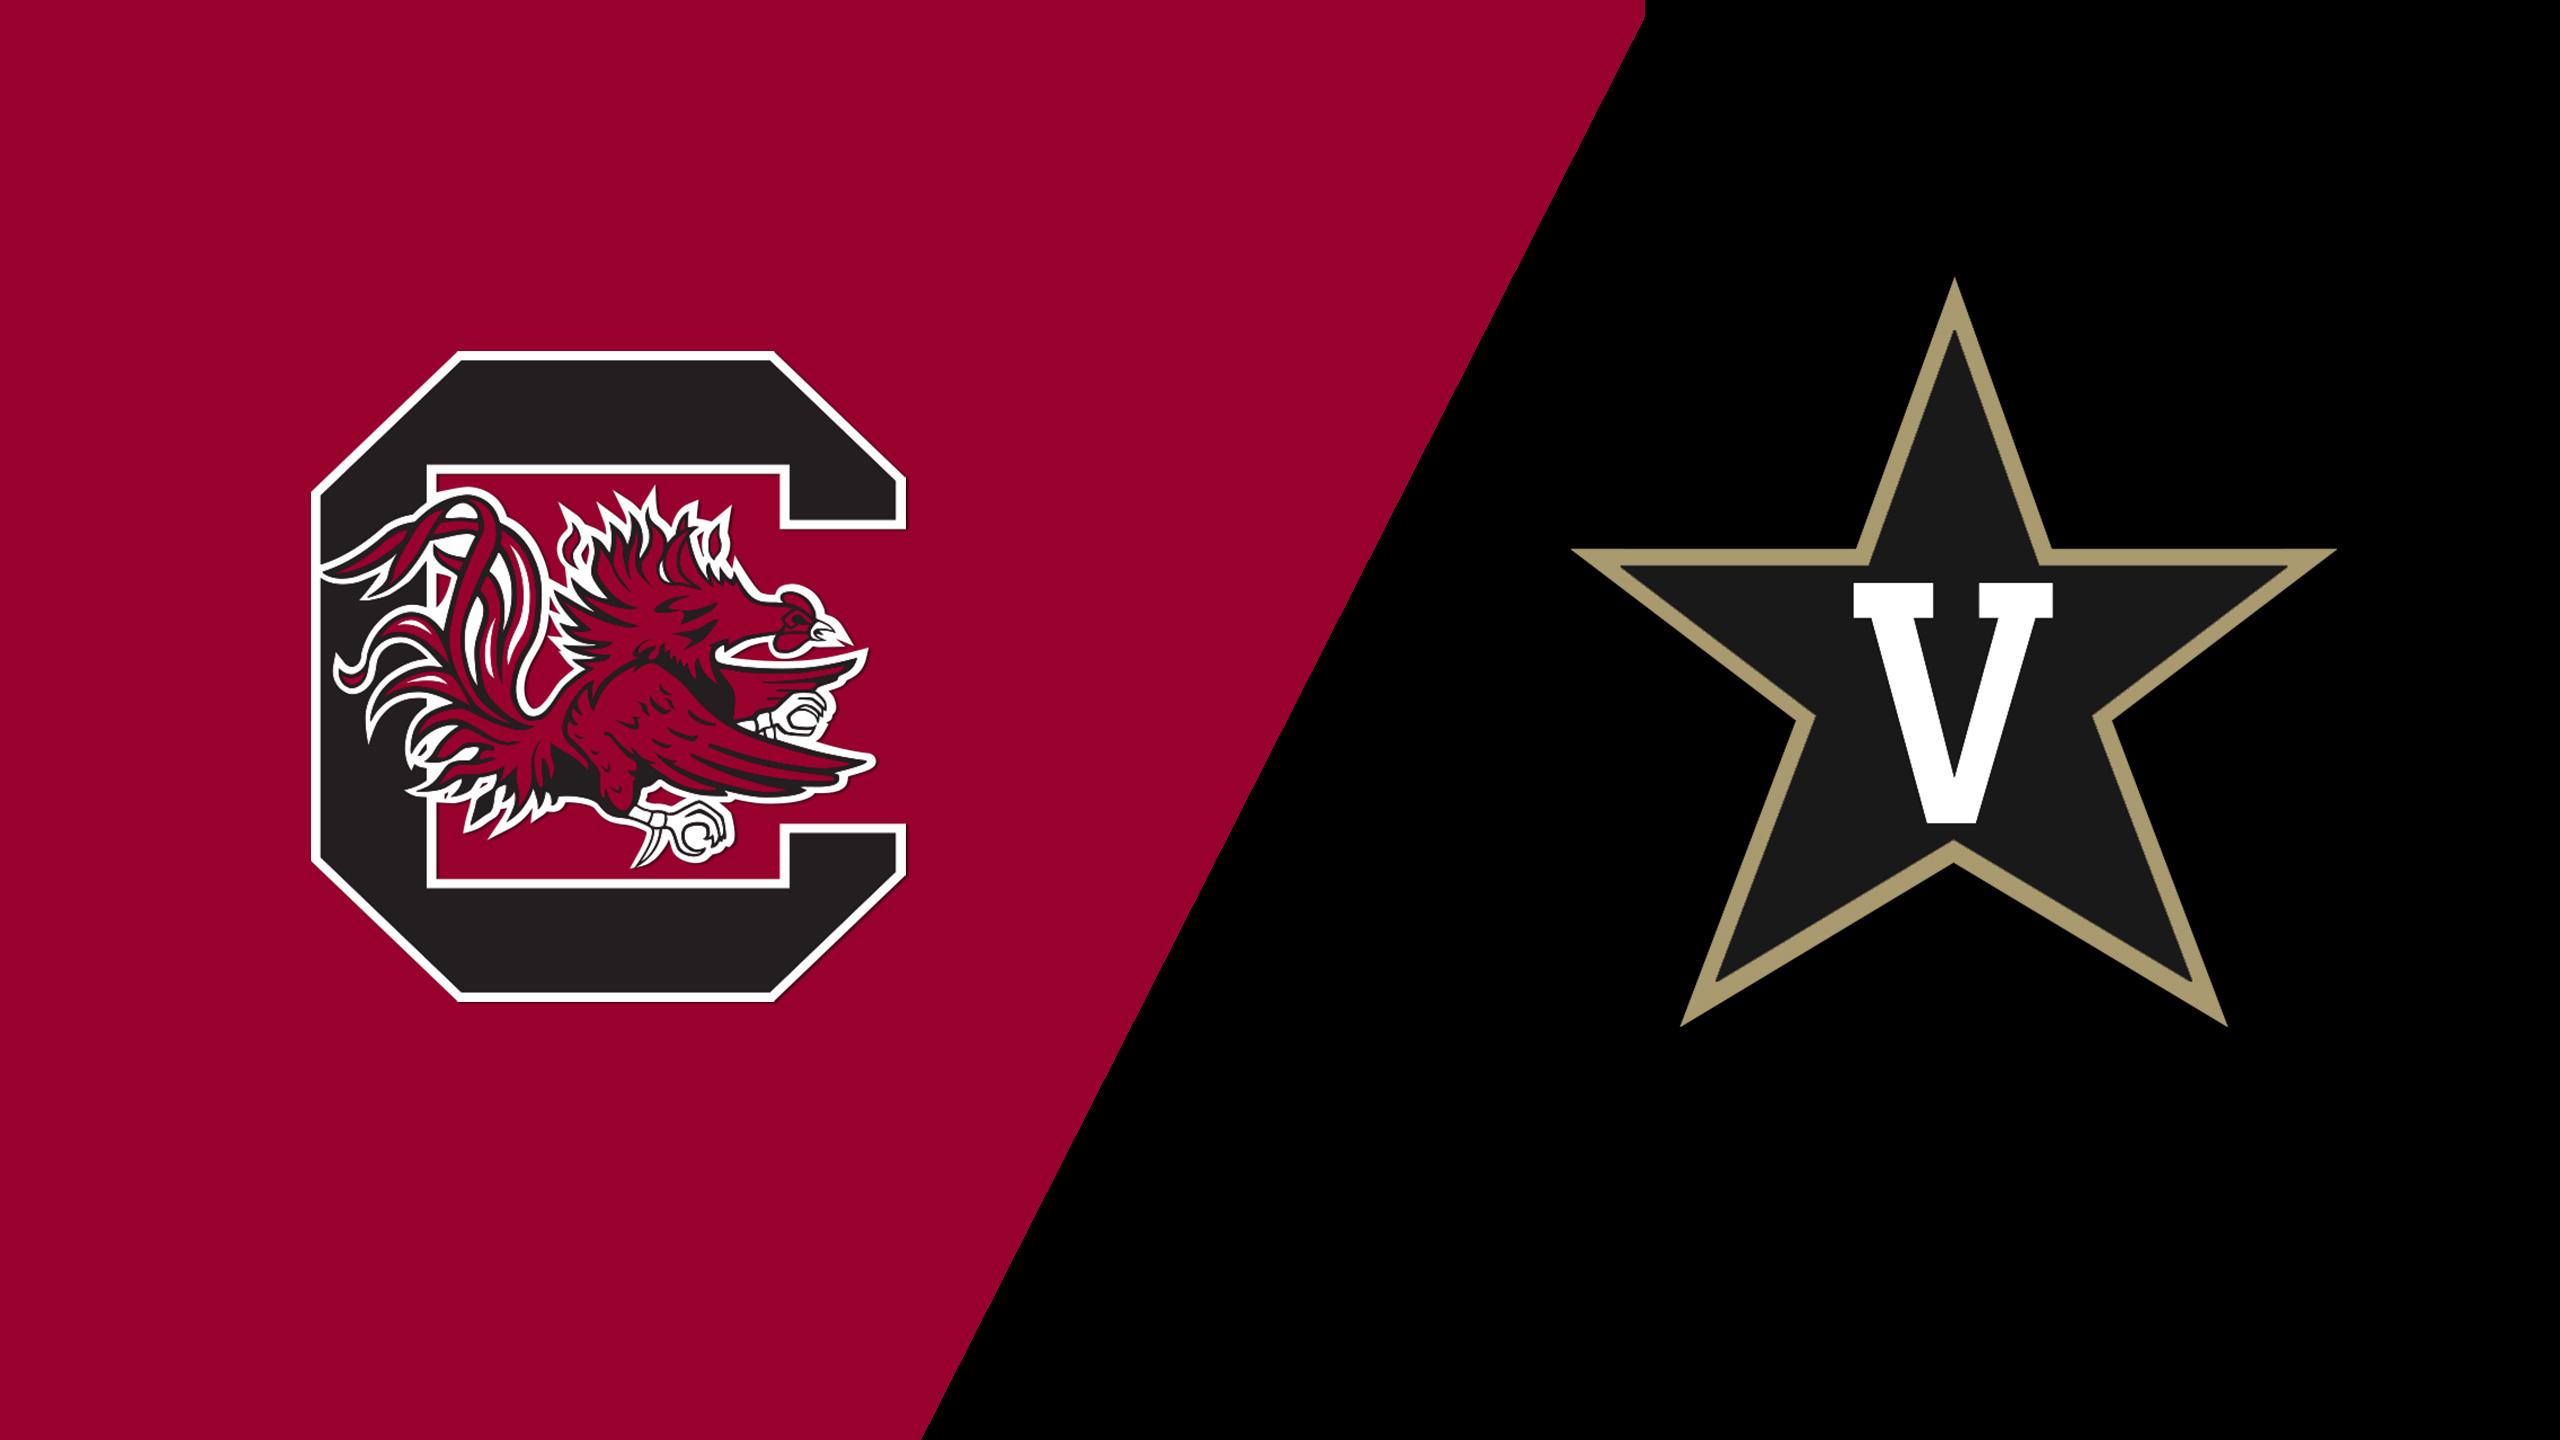 South Carolina vs. Vanderbilt (Football)